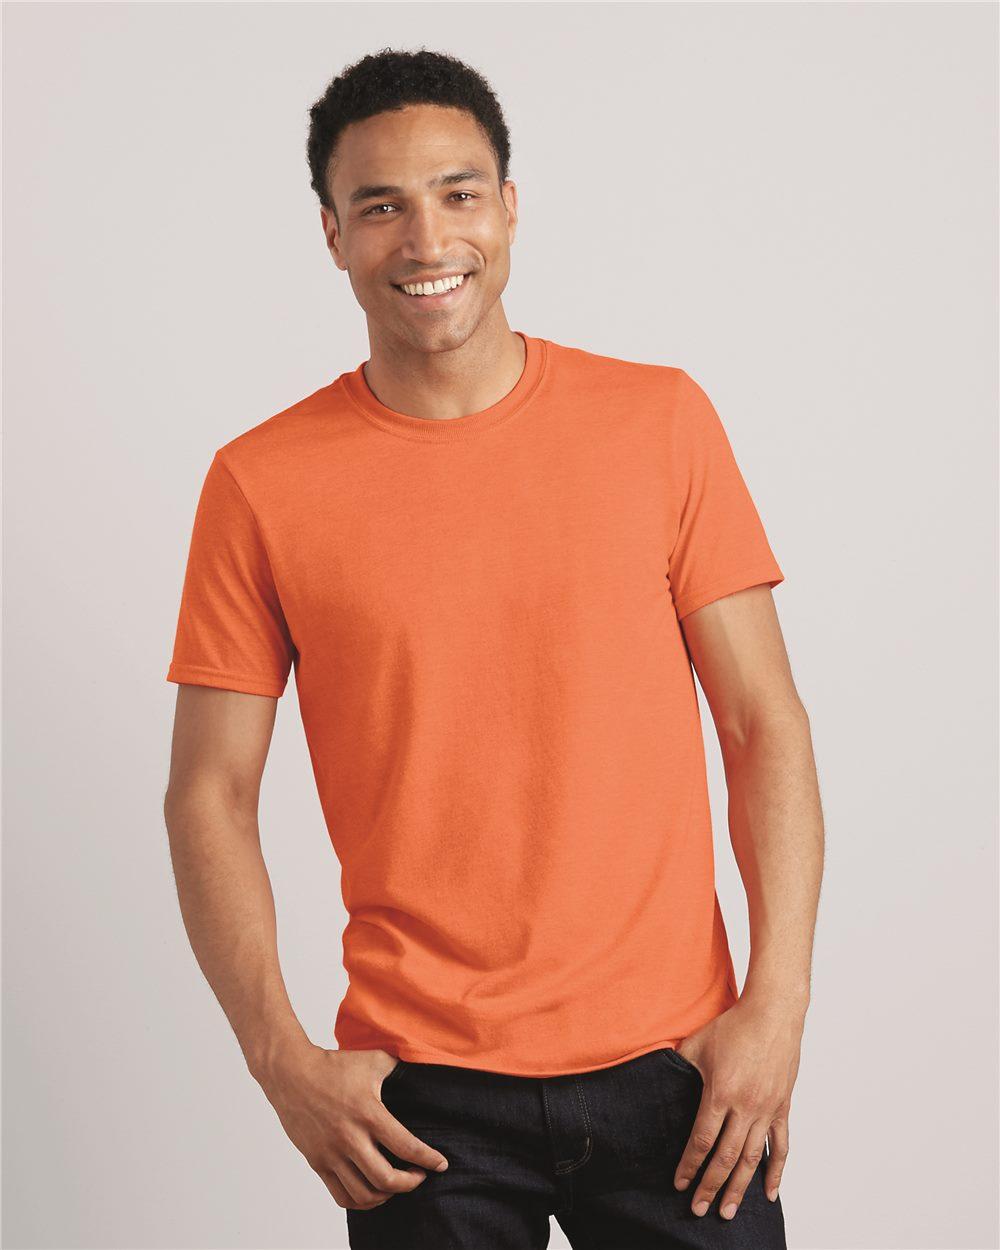 Gildan Softstyle T-shirt - 64000           Starting at $3.50 - Blank - 13 Colors